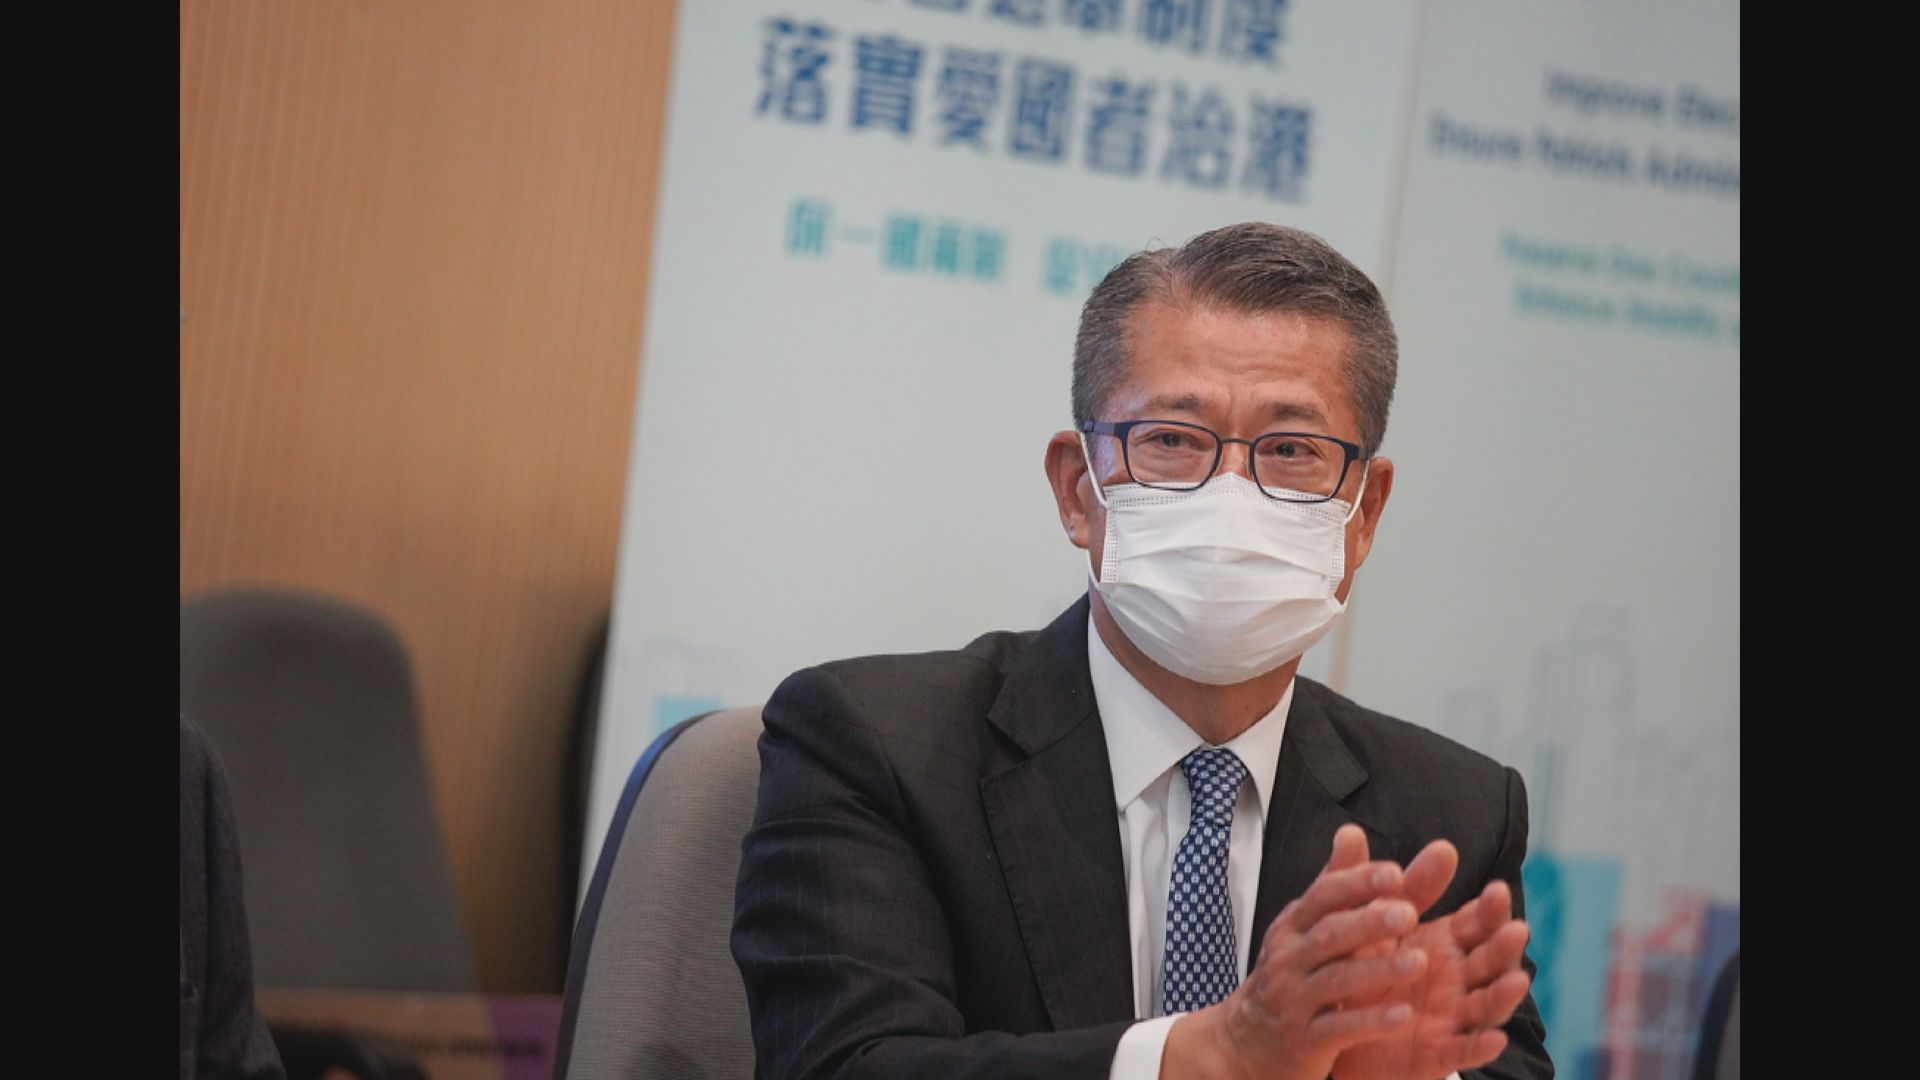 官員解說新選舉制度 陳茂波︰與會者冀加強落實行政主導